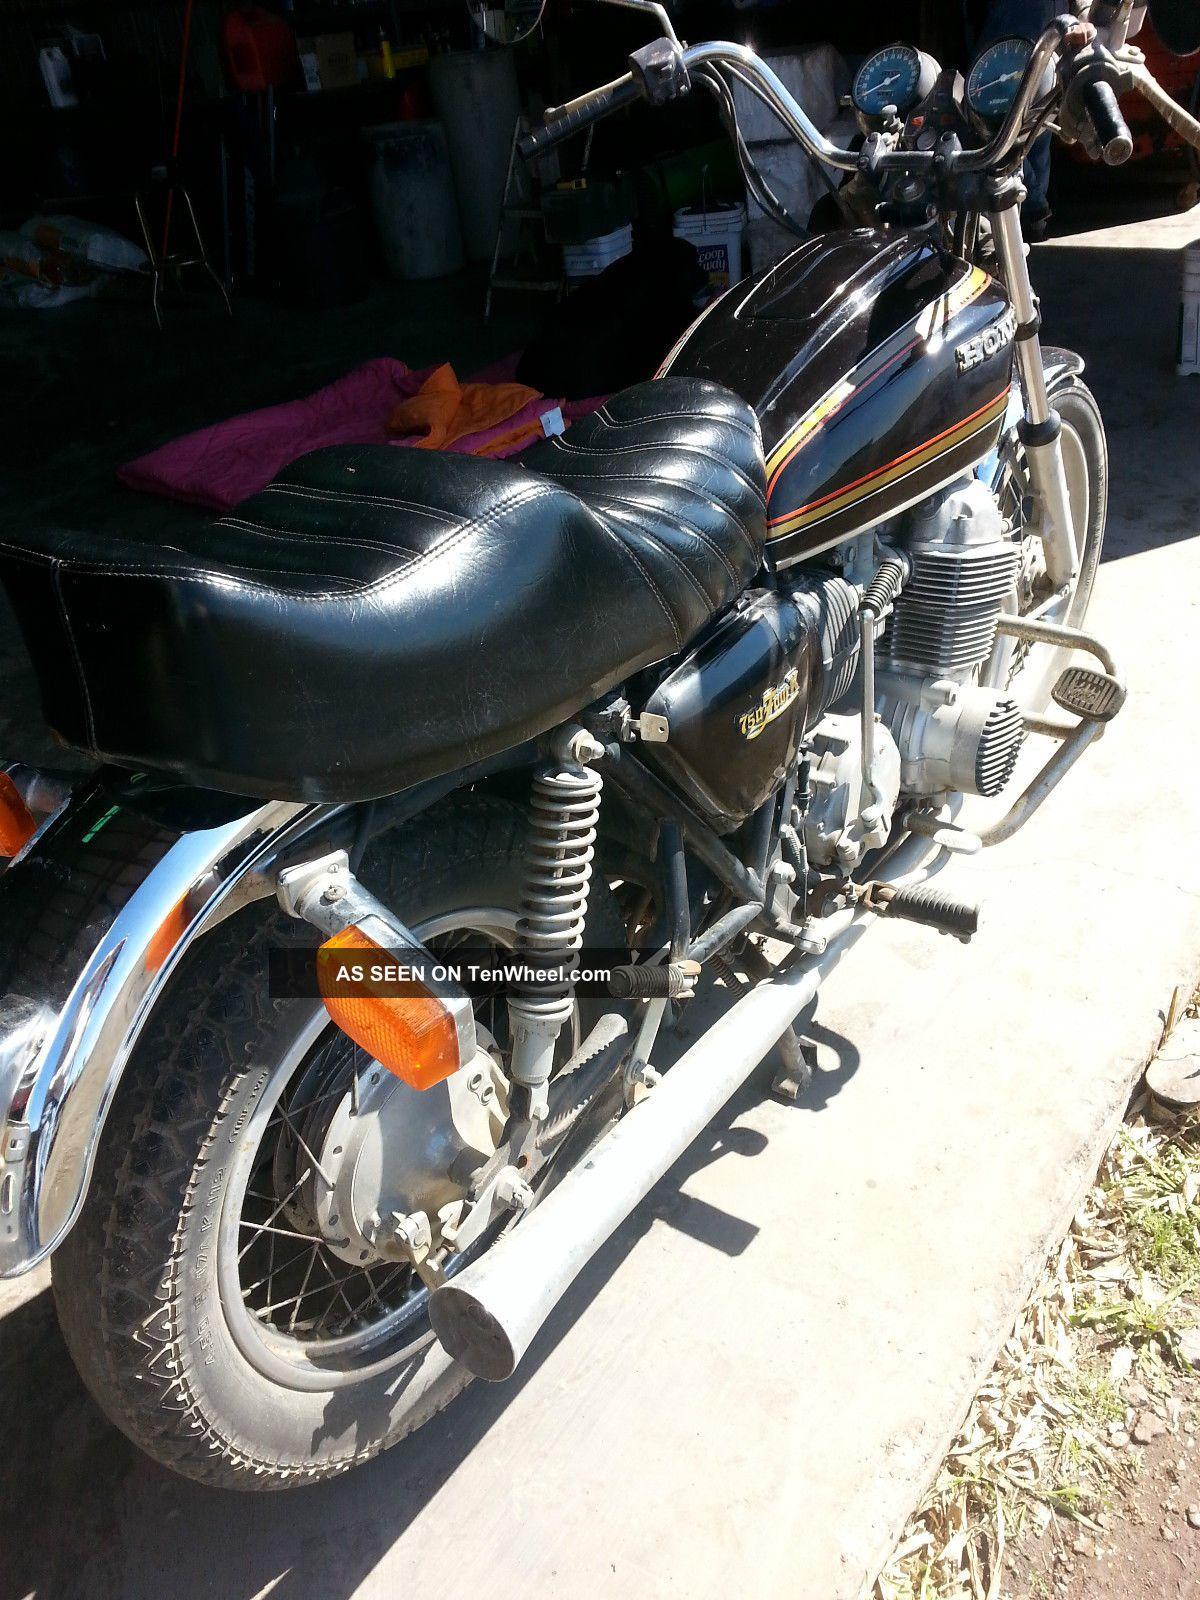 vintage 1977 honda cb 750 motorcycle. Black Bedroom Furniture Sets. Home Design Ideas